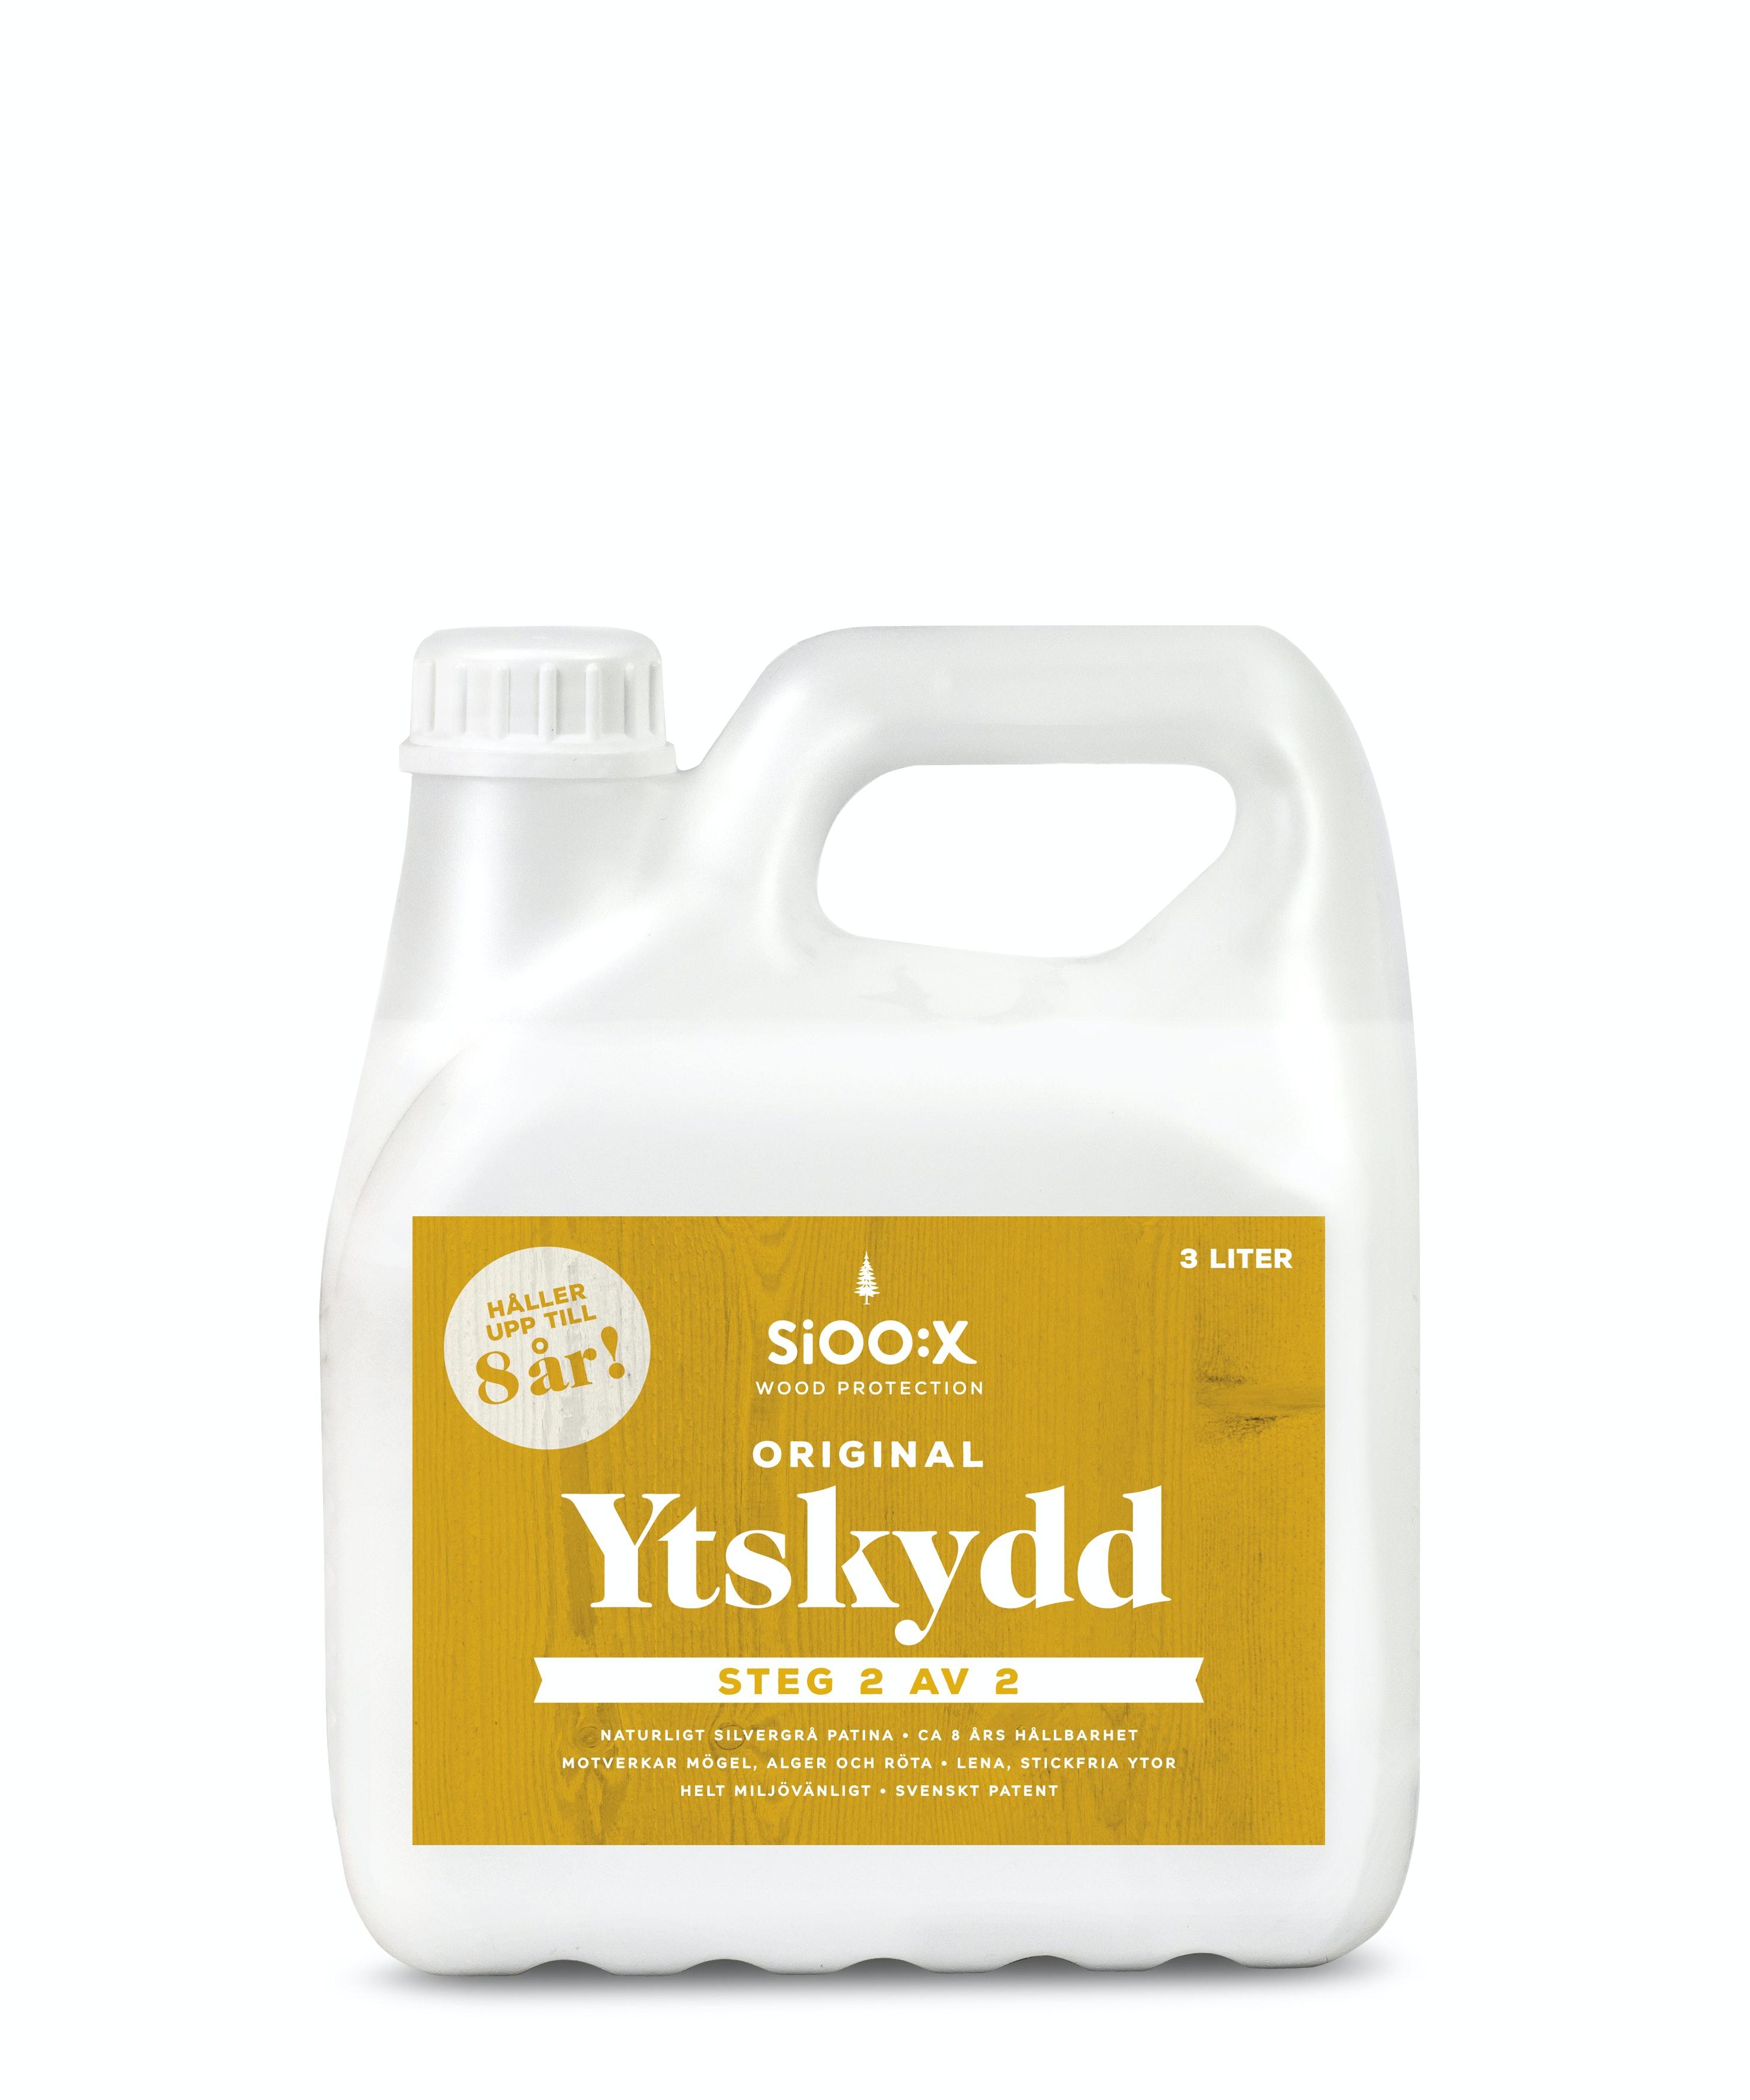 Ytskydd Sioo:x Original Steg 2 3l